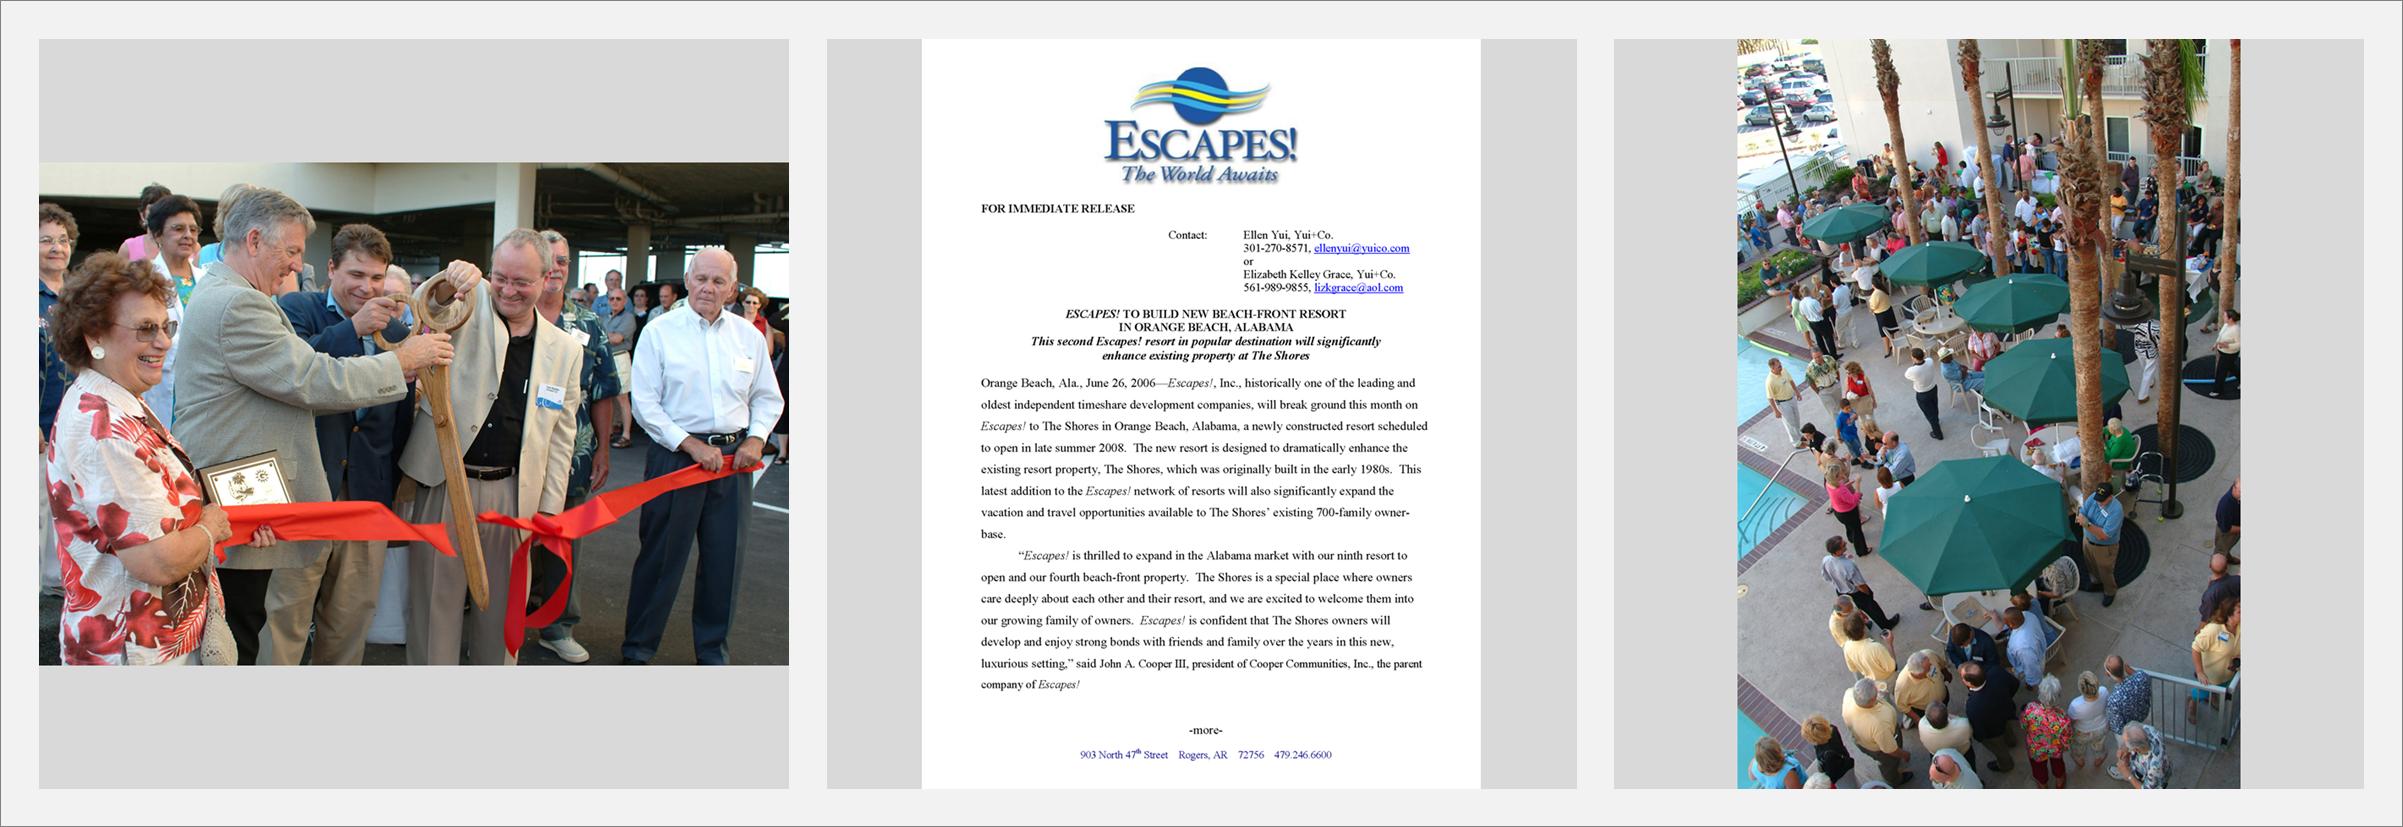 Cooper Communities'  Escapes!  Resorts